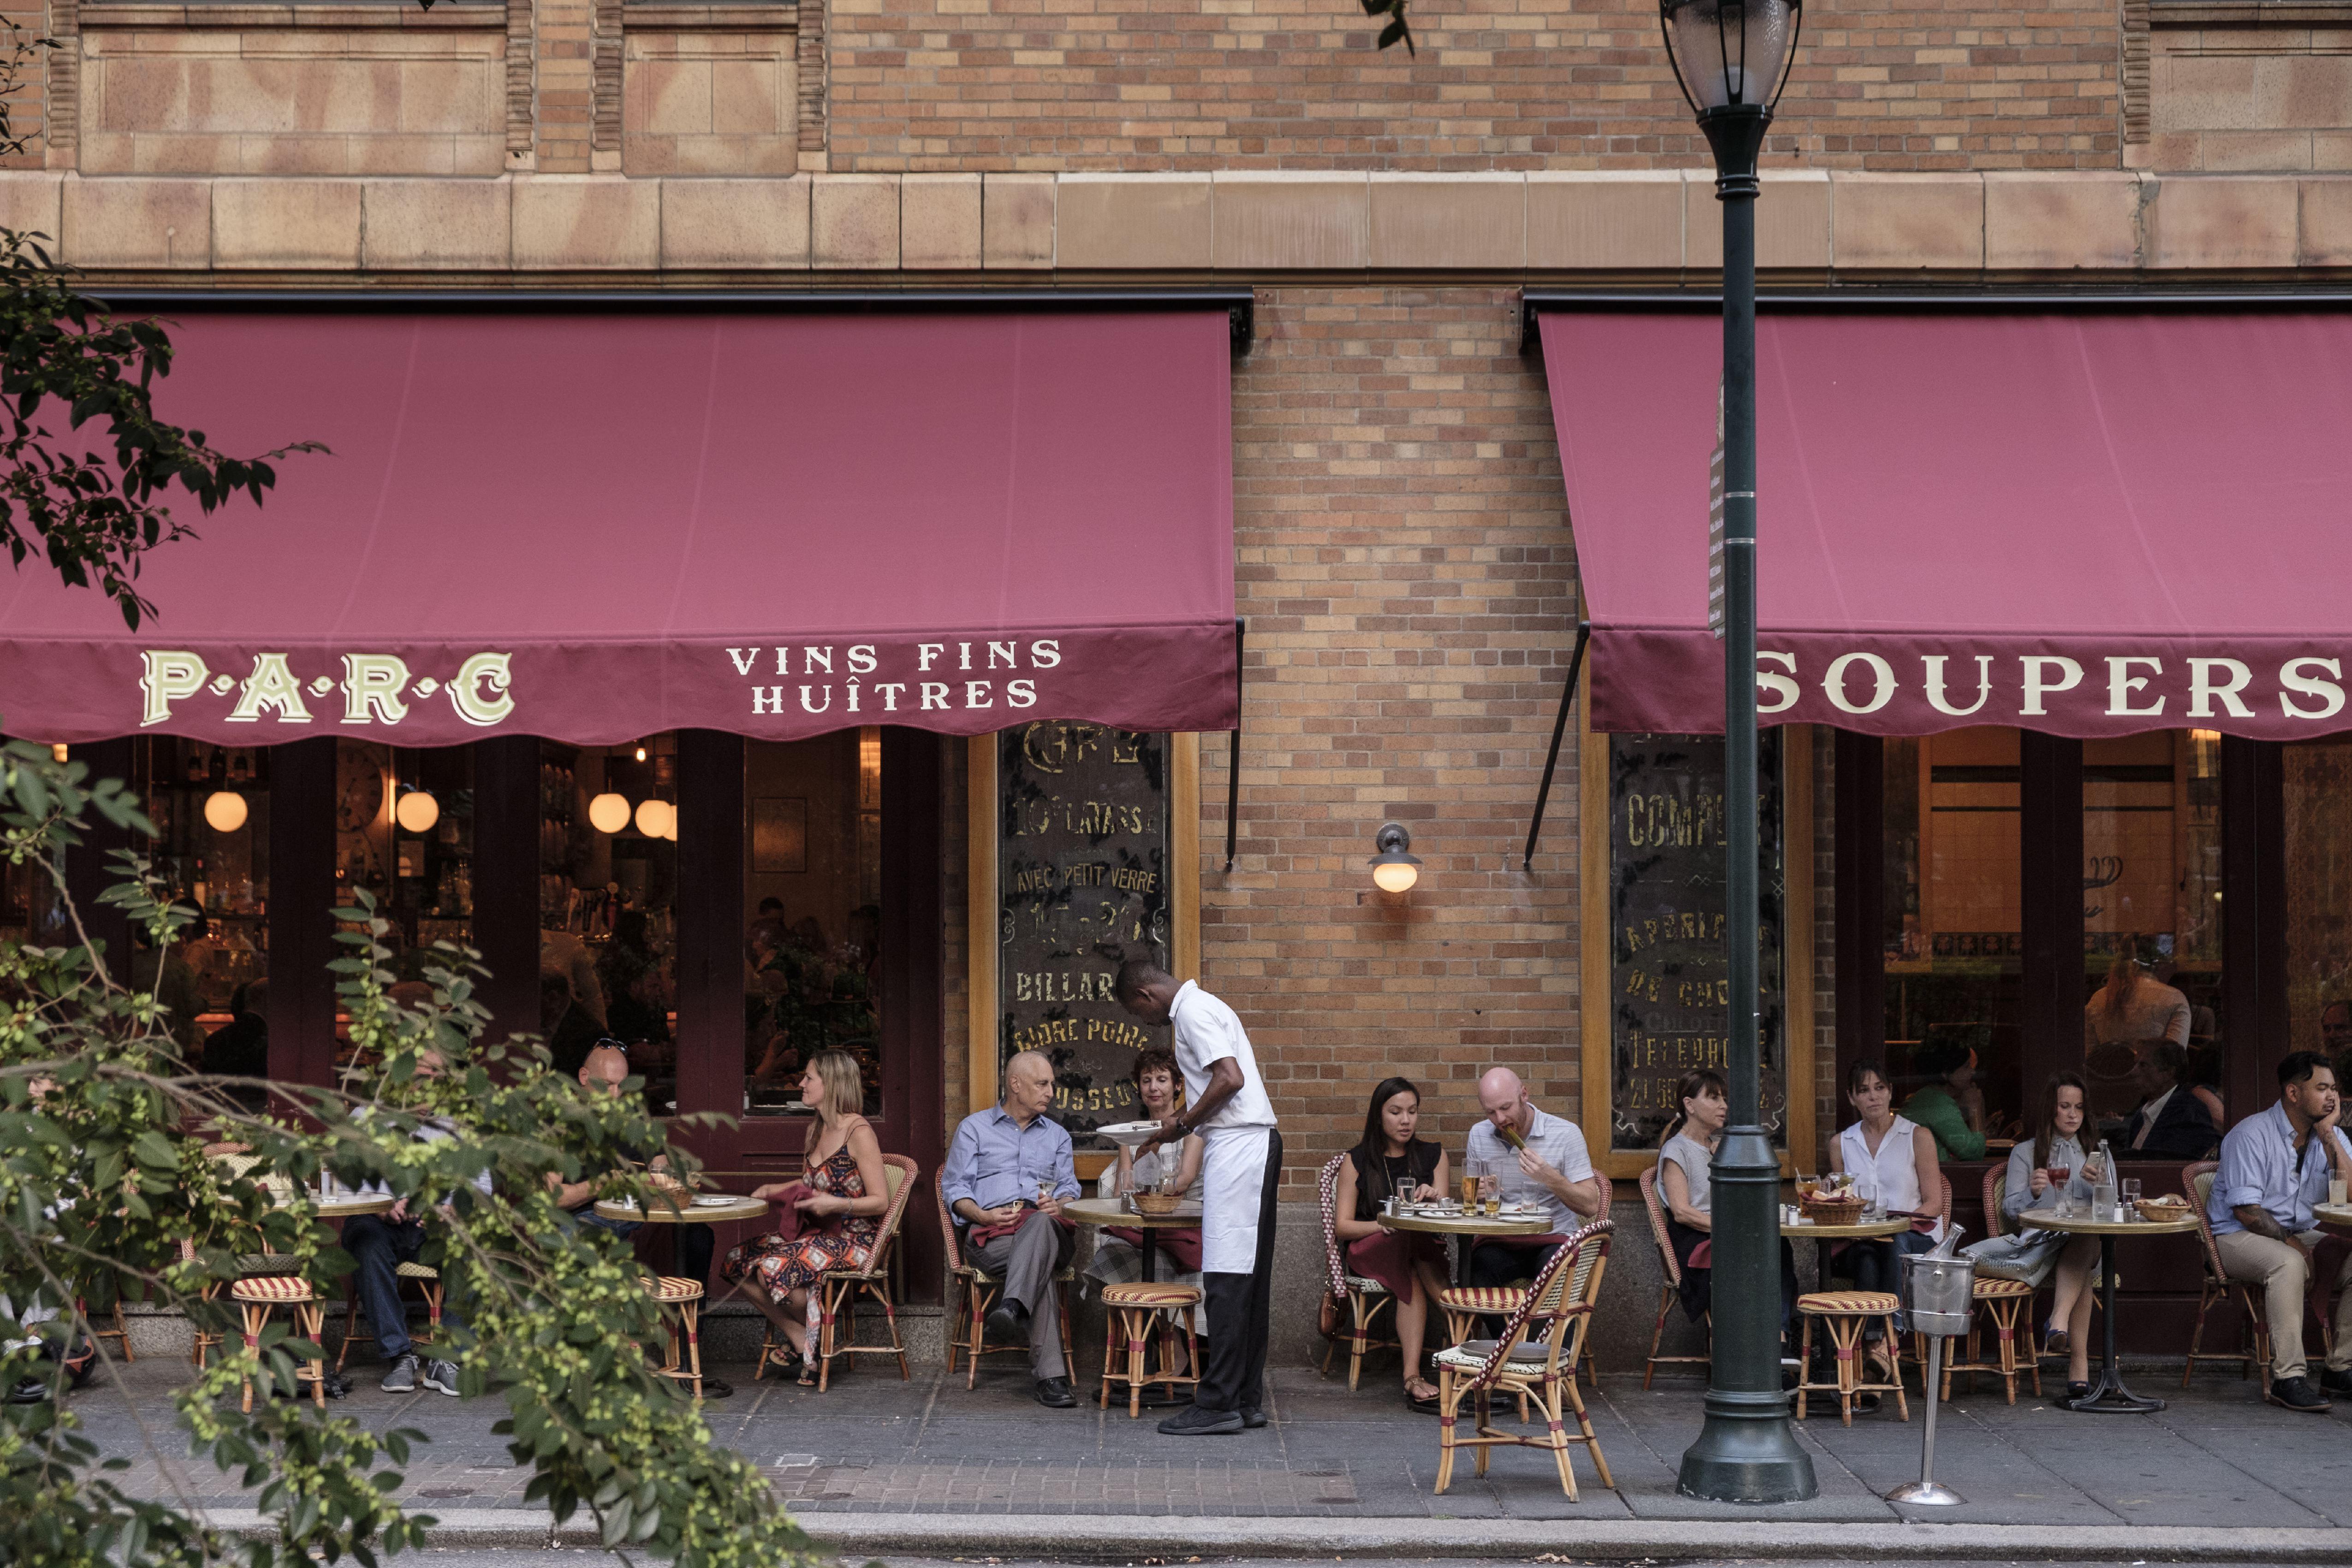 Sidewalk cafe of Parc Restaurant